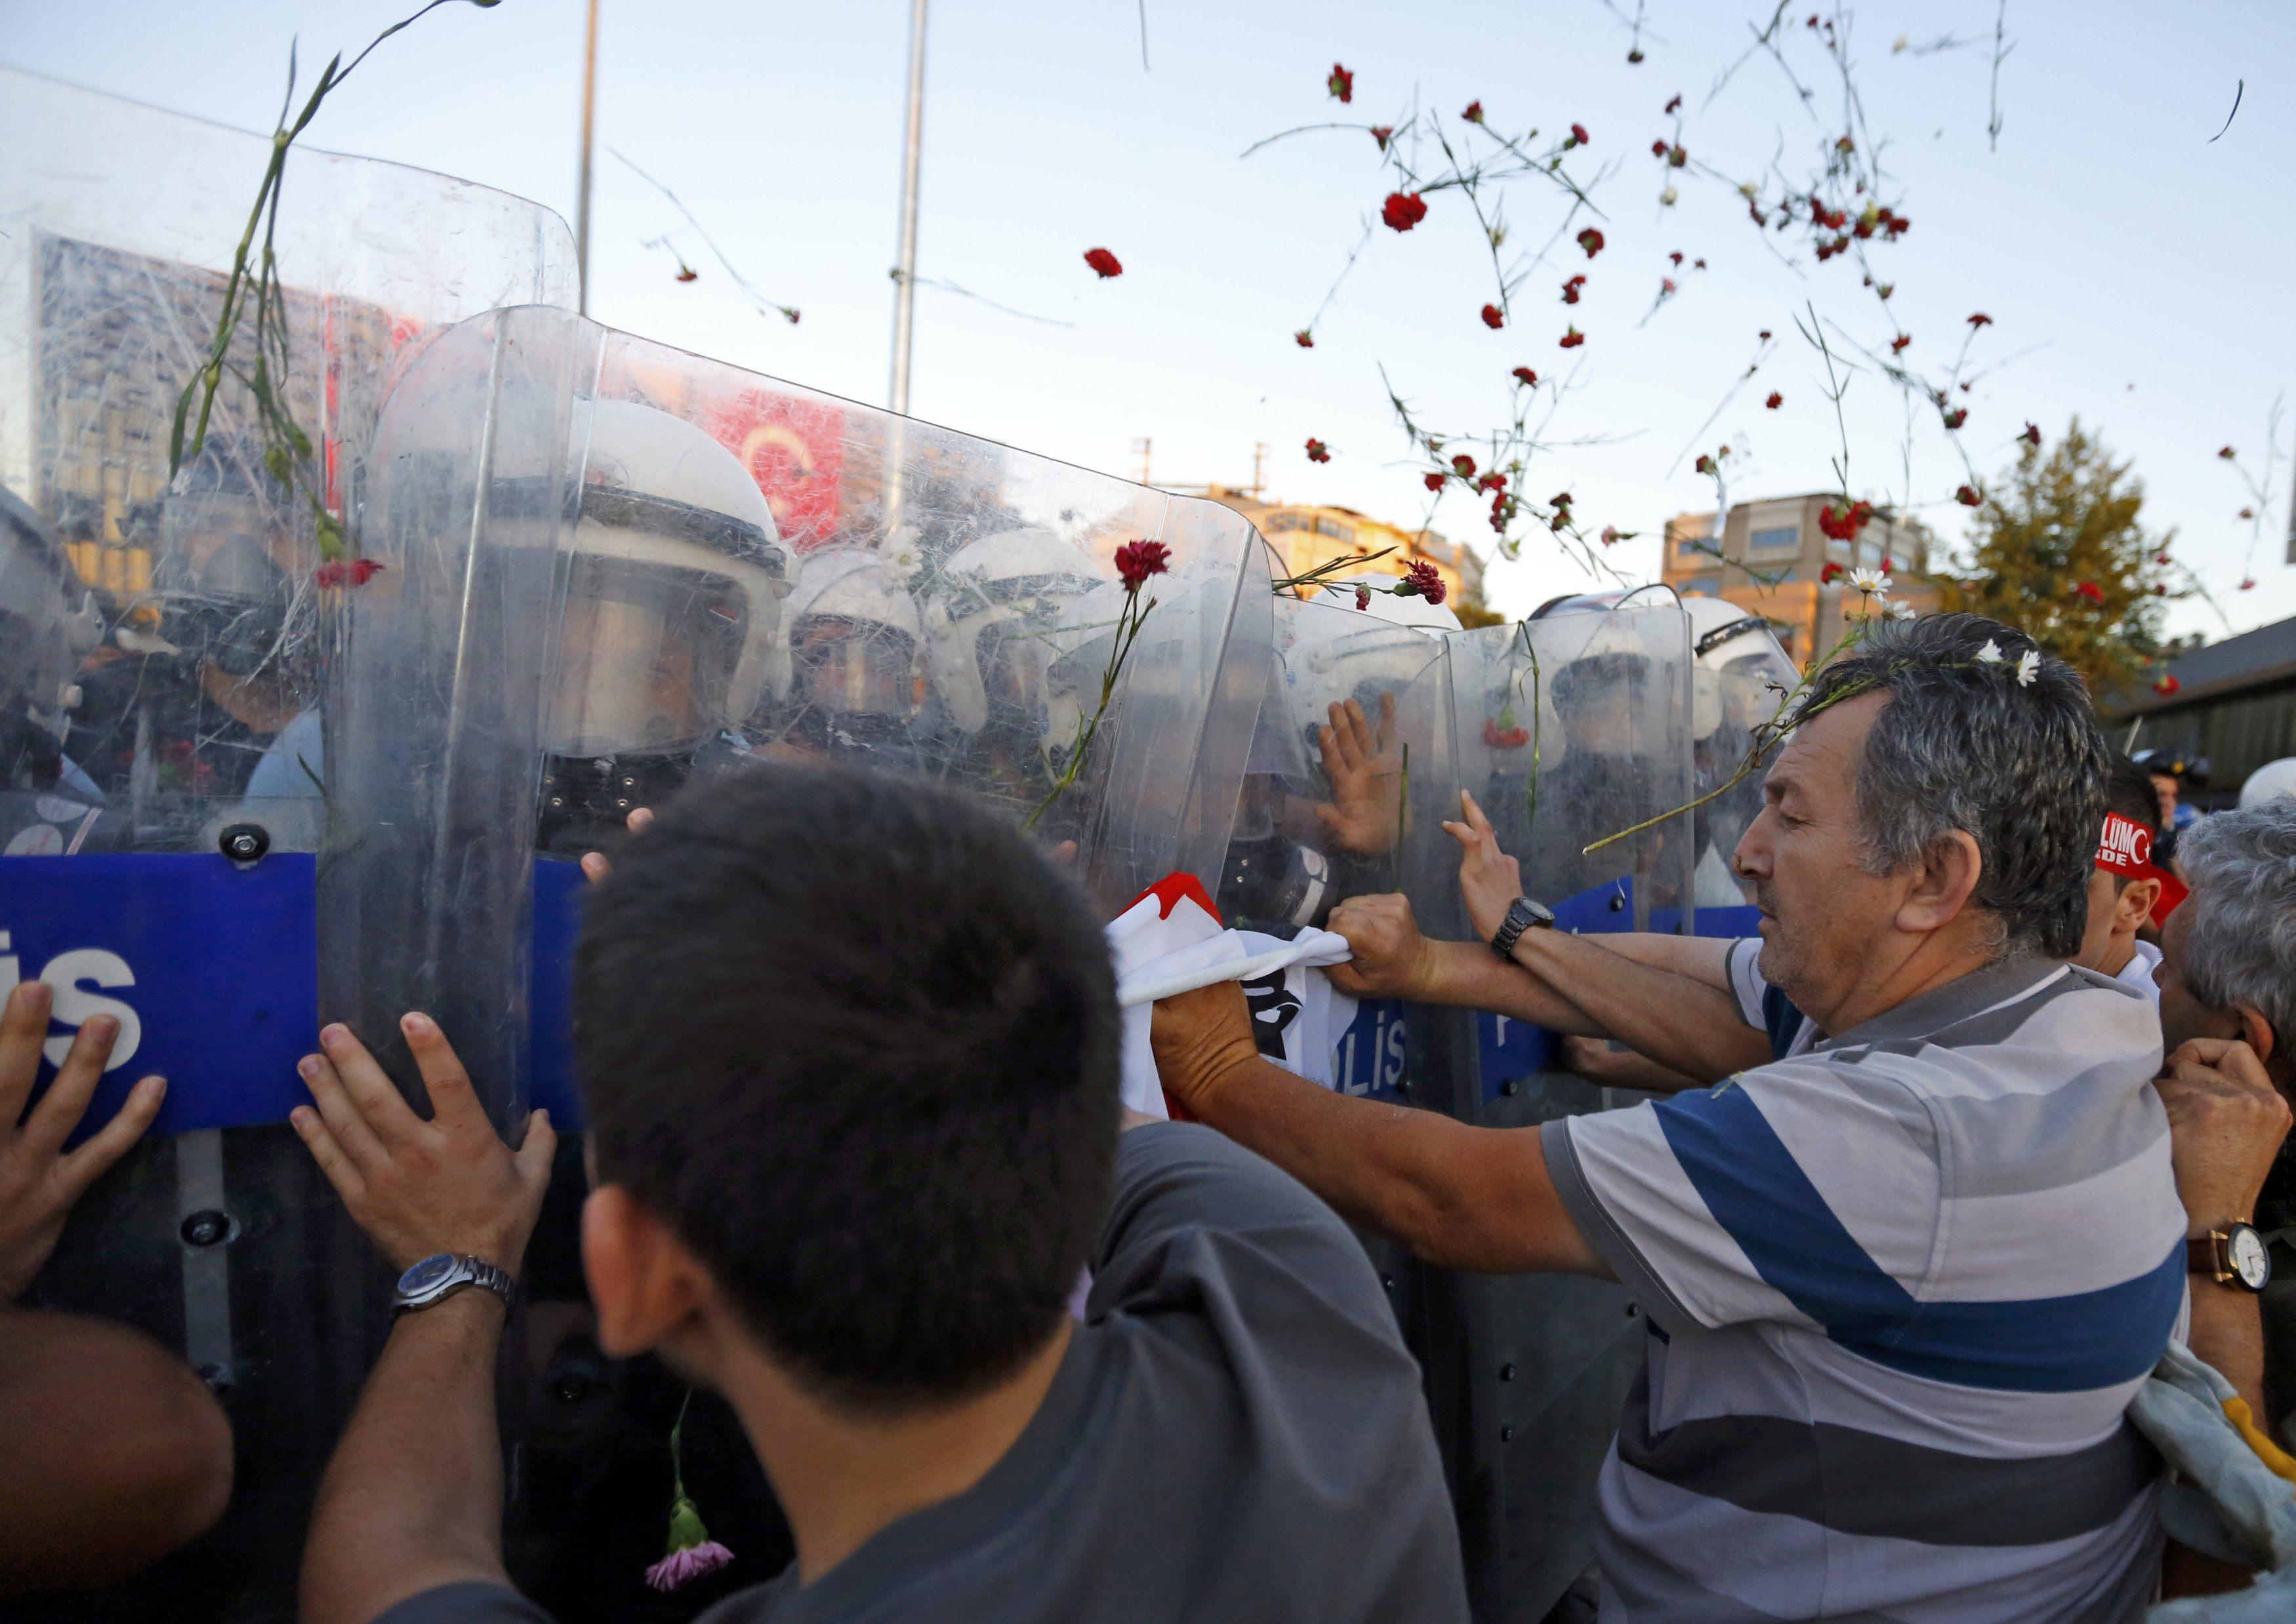 Os cravos que os manifestantes levaram para homenagear as vítimas acabaram por ser atiradas contra os polícias